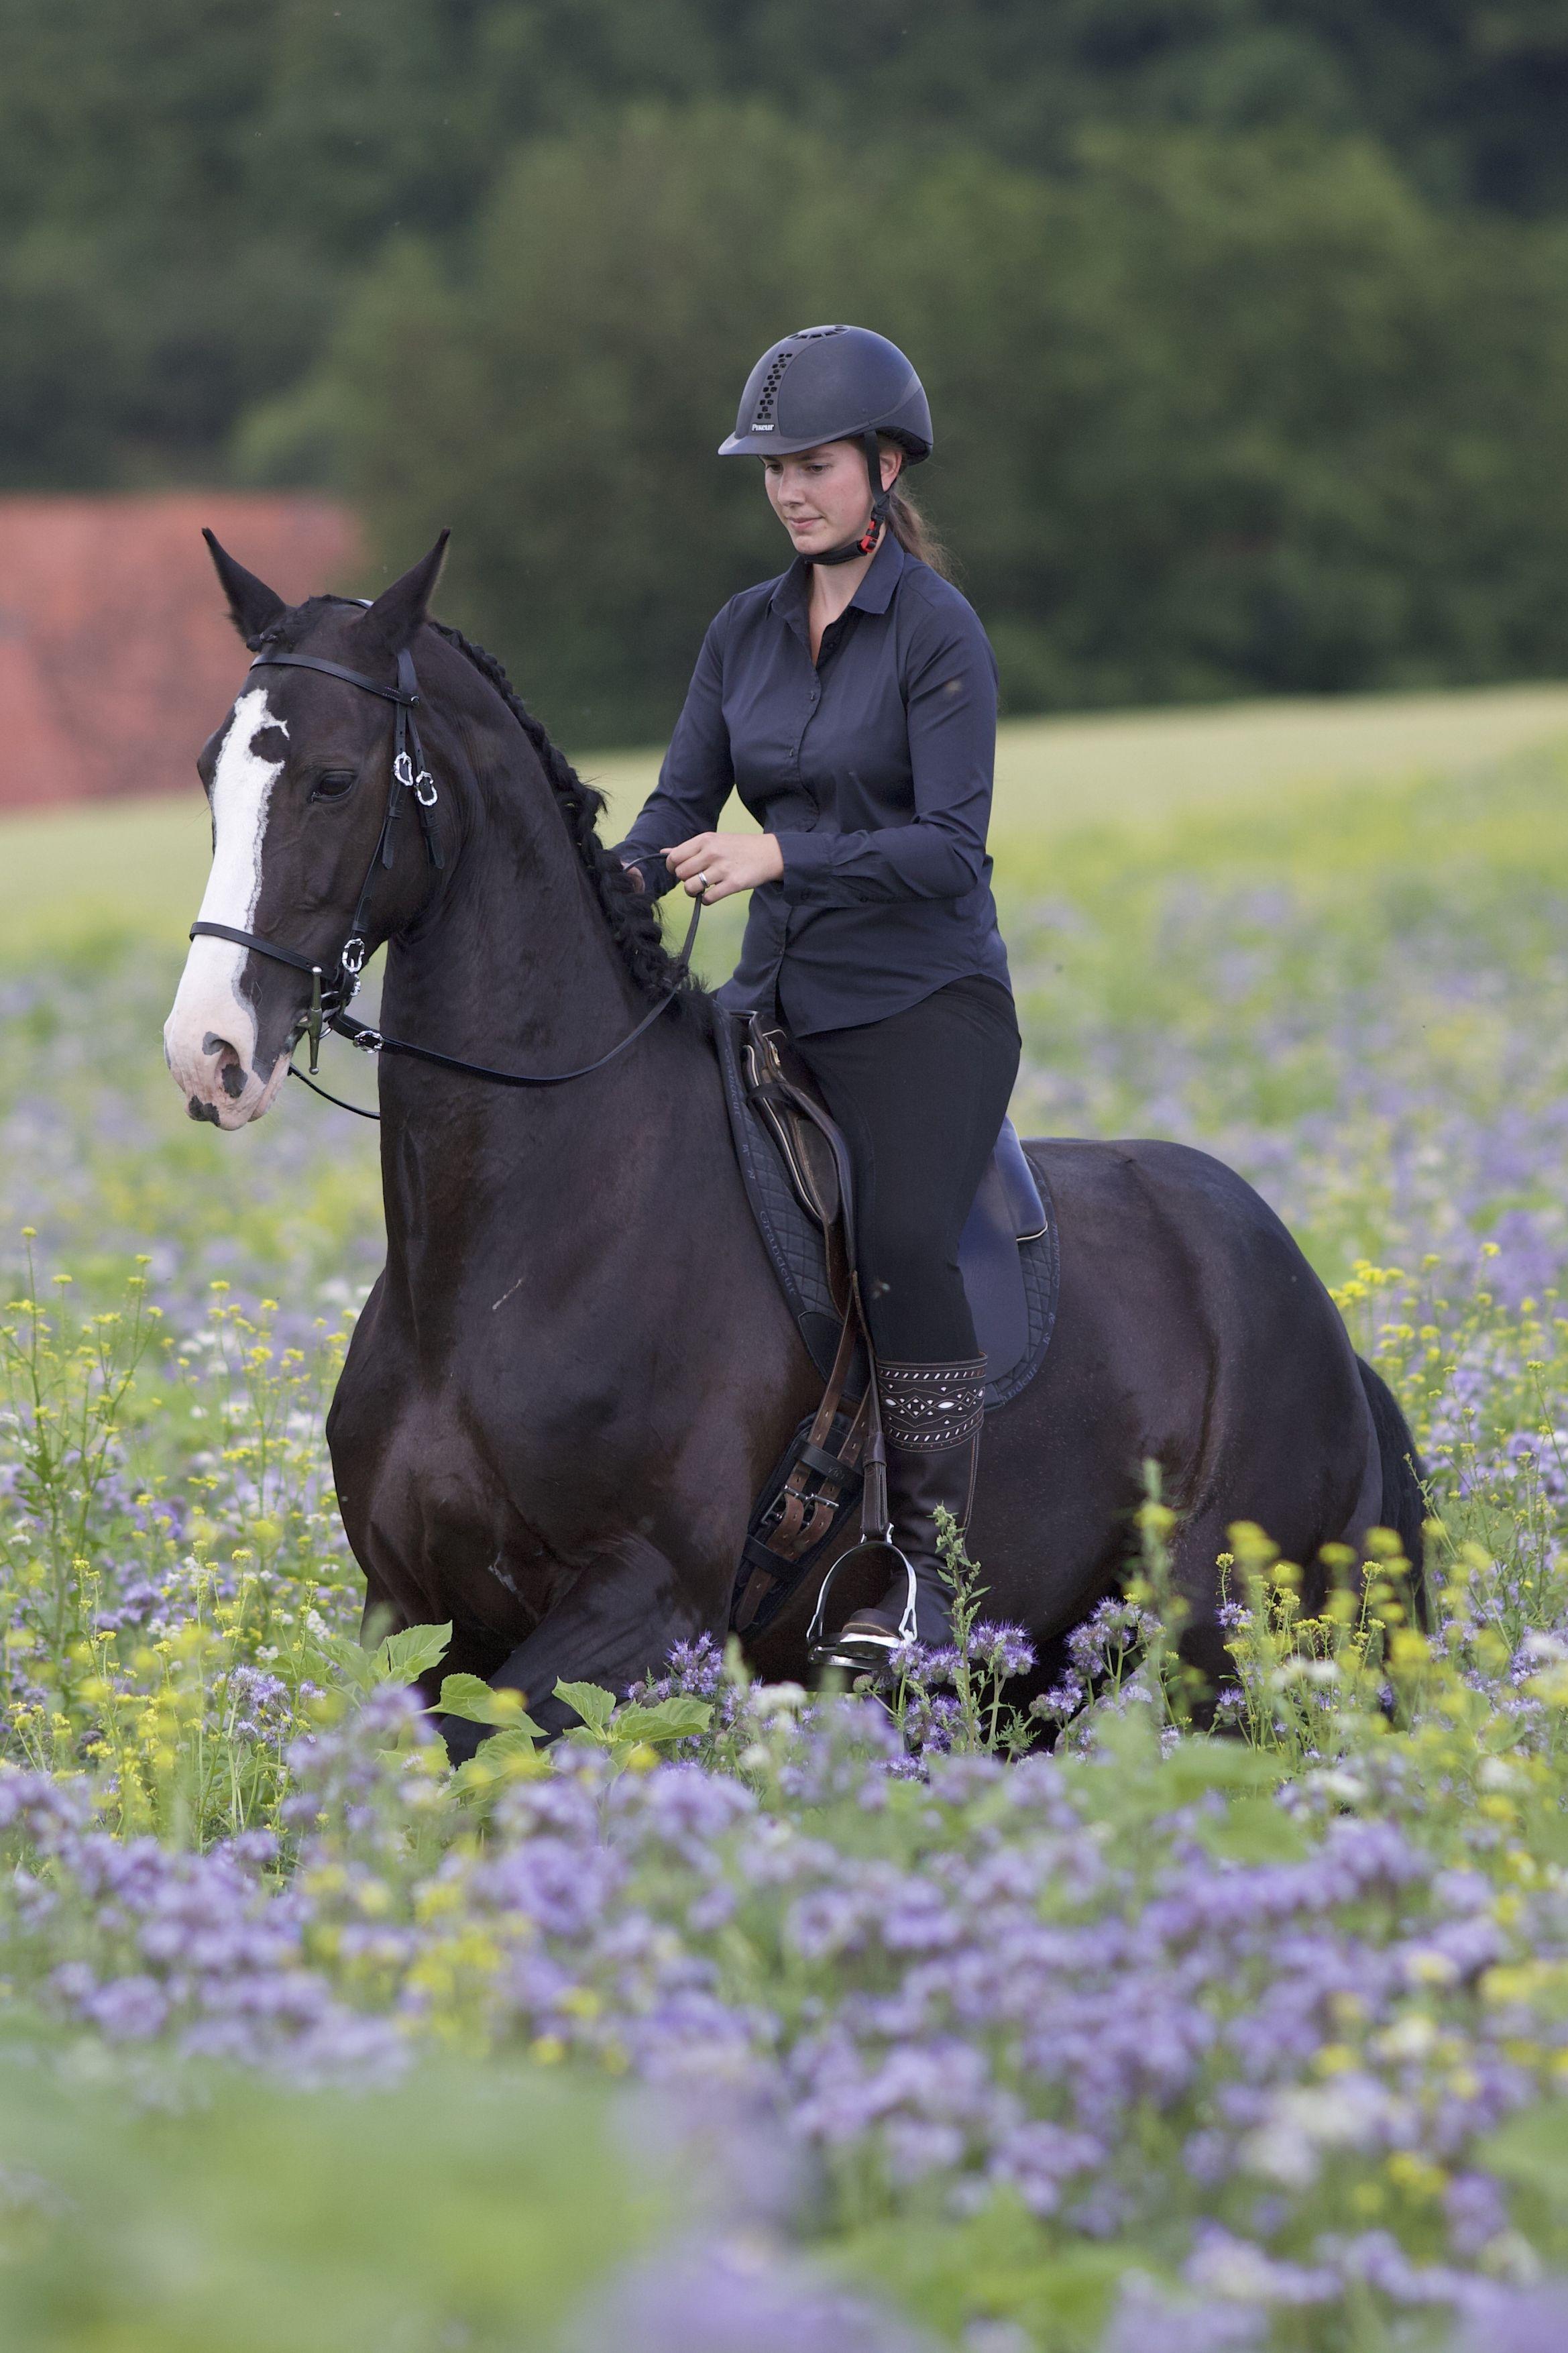 Auch Im Gelande Lassen Sich Lektionen Wie Das Schulhalt Uben Niedliche Pferde Pferdeliebe Reiten